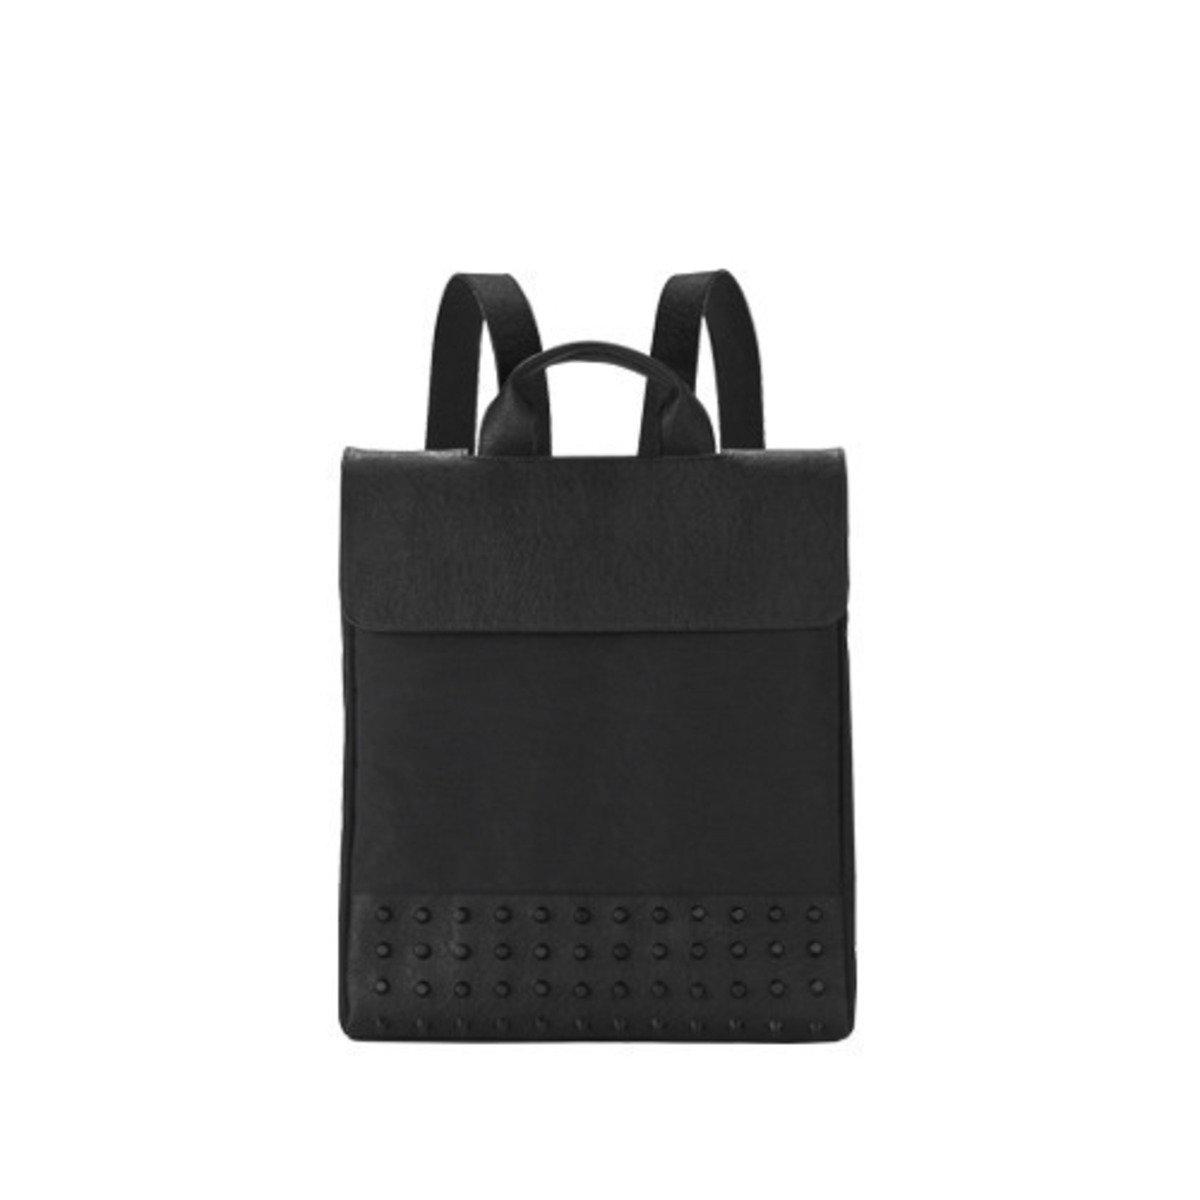 [THE HN] Black Studs Backpack Large 黑色翻蓋背包 (大)